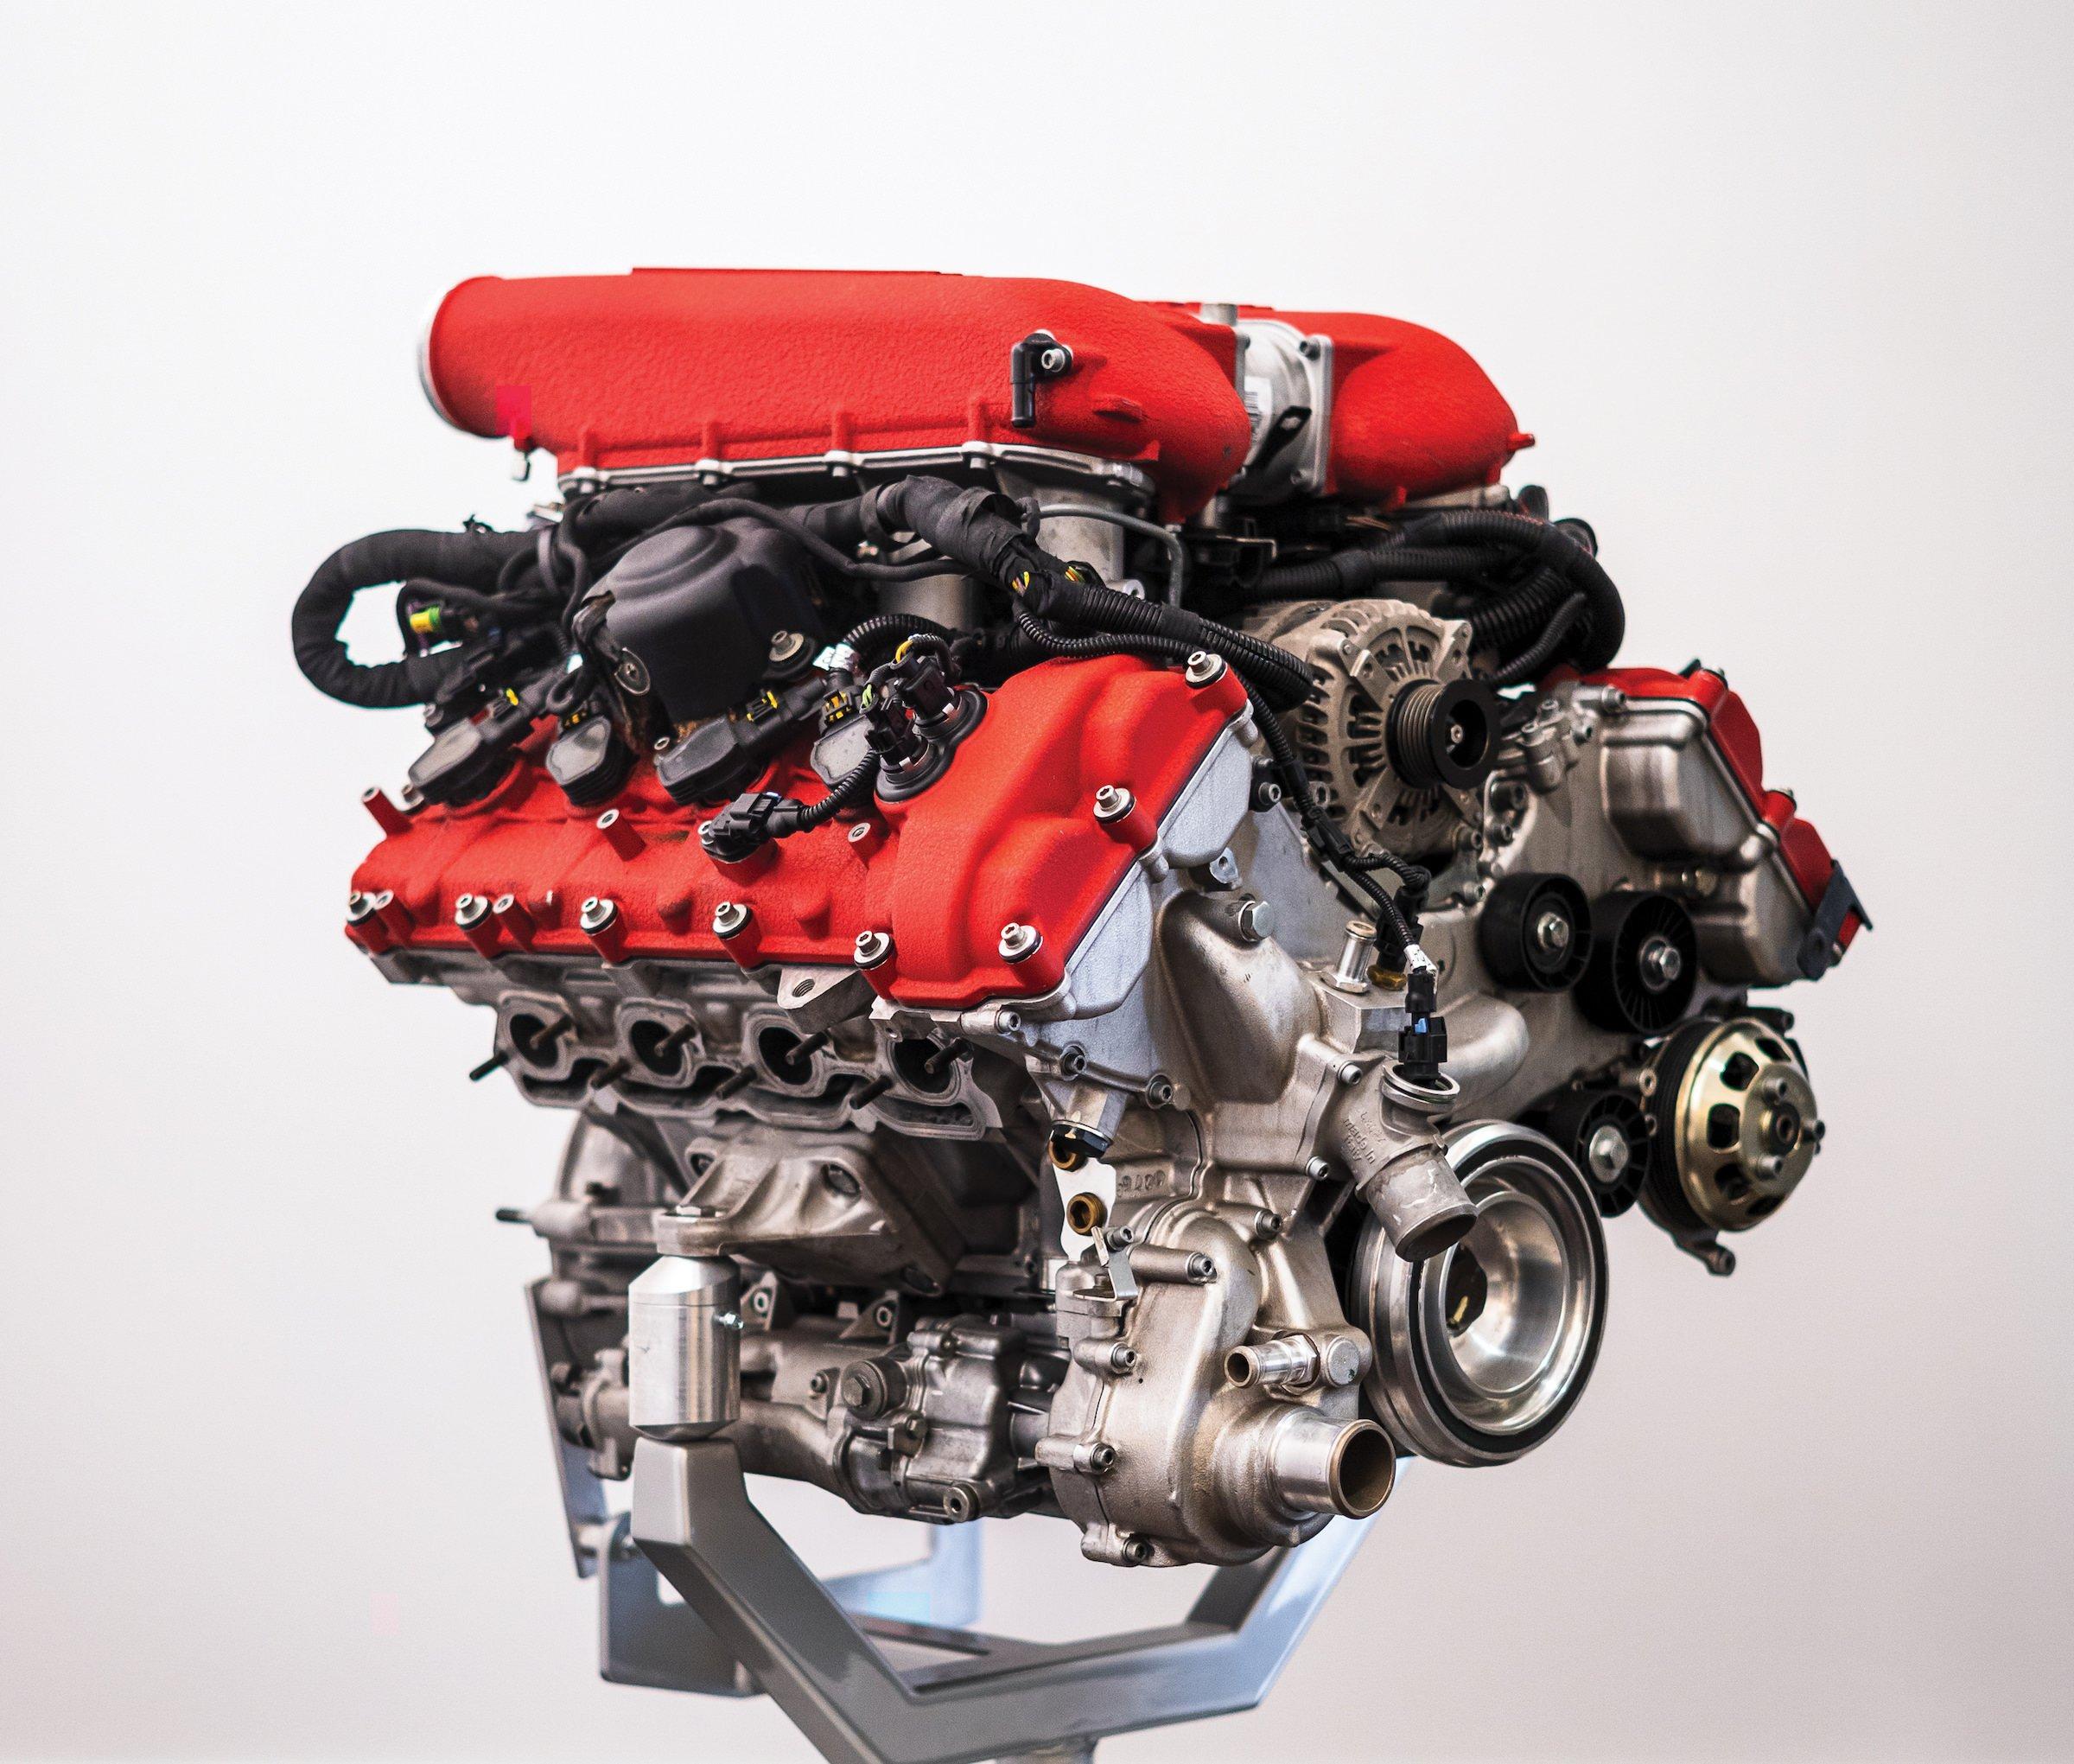 Ferrari 458 V8 Engine 1